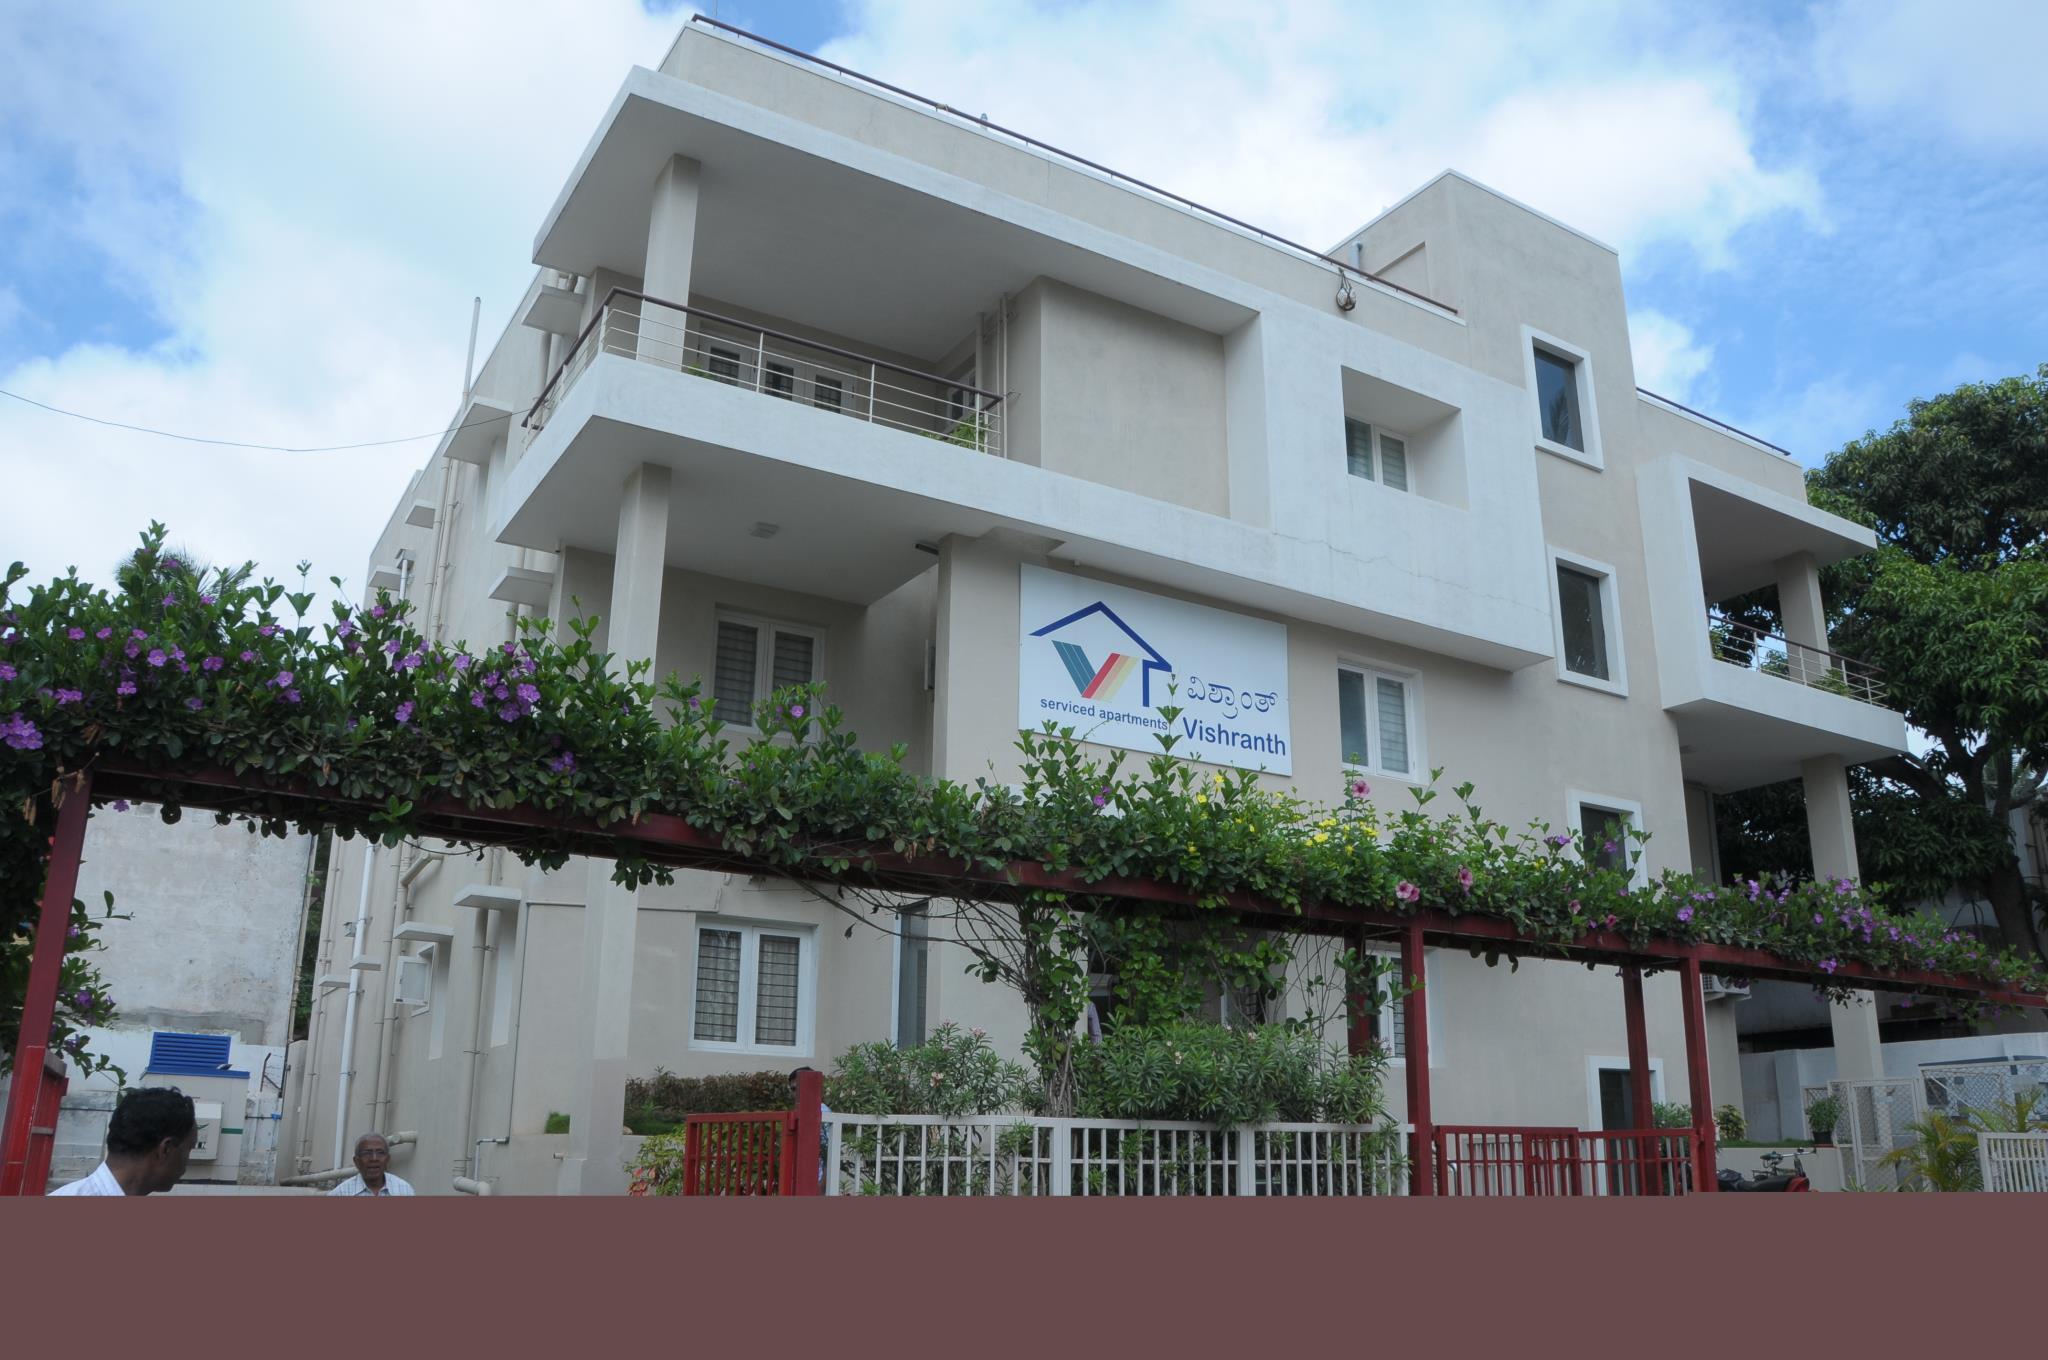 Vishranth Serviced Apartment